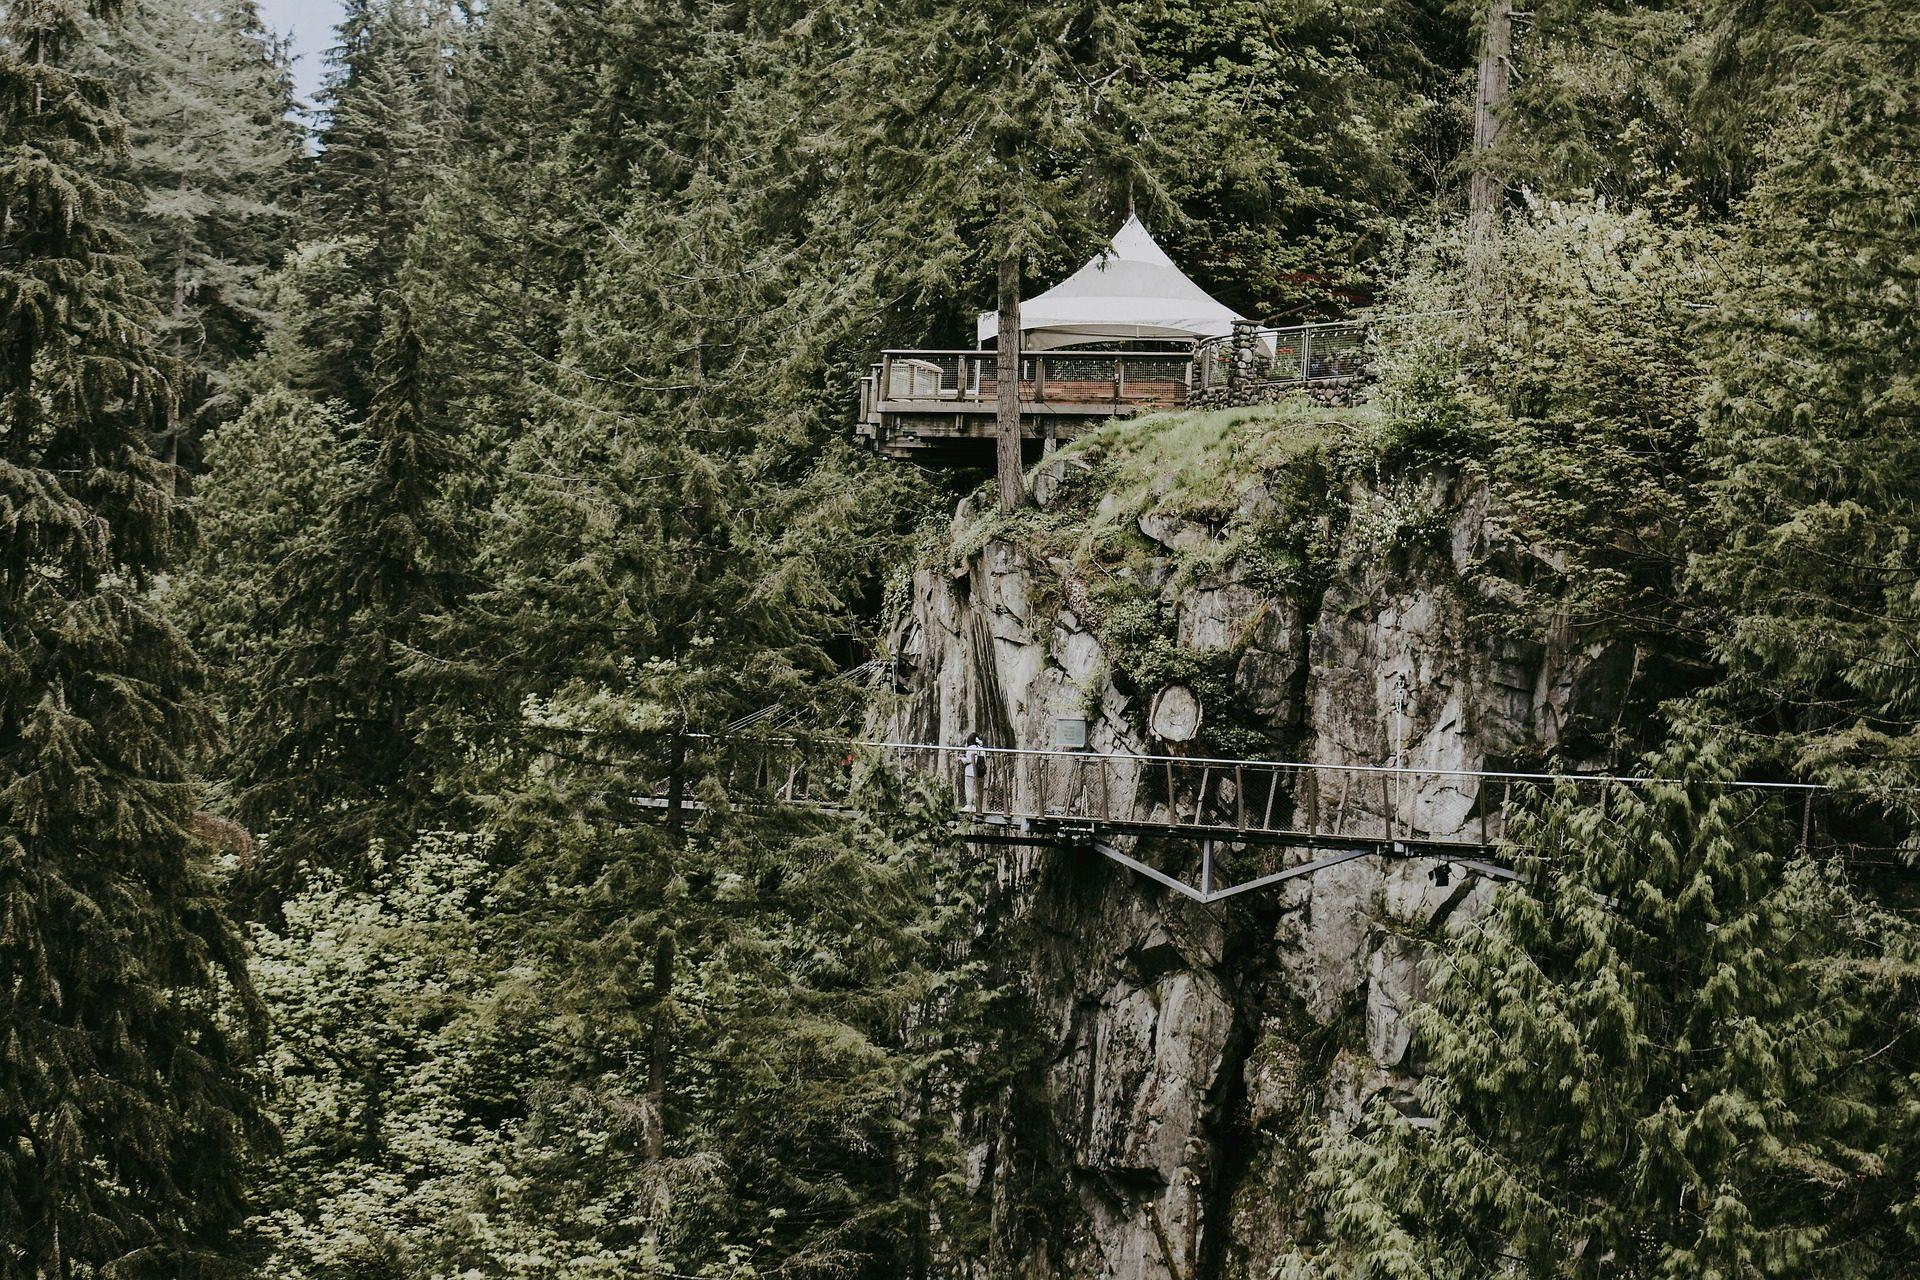 лес, деревья, точка зрения, прохождение, мост, Высота - Обои HD - Профессор falken.com